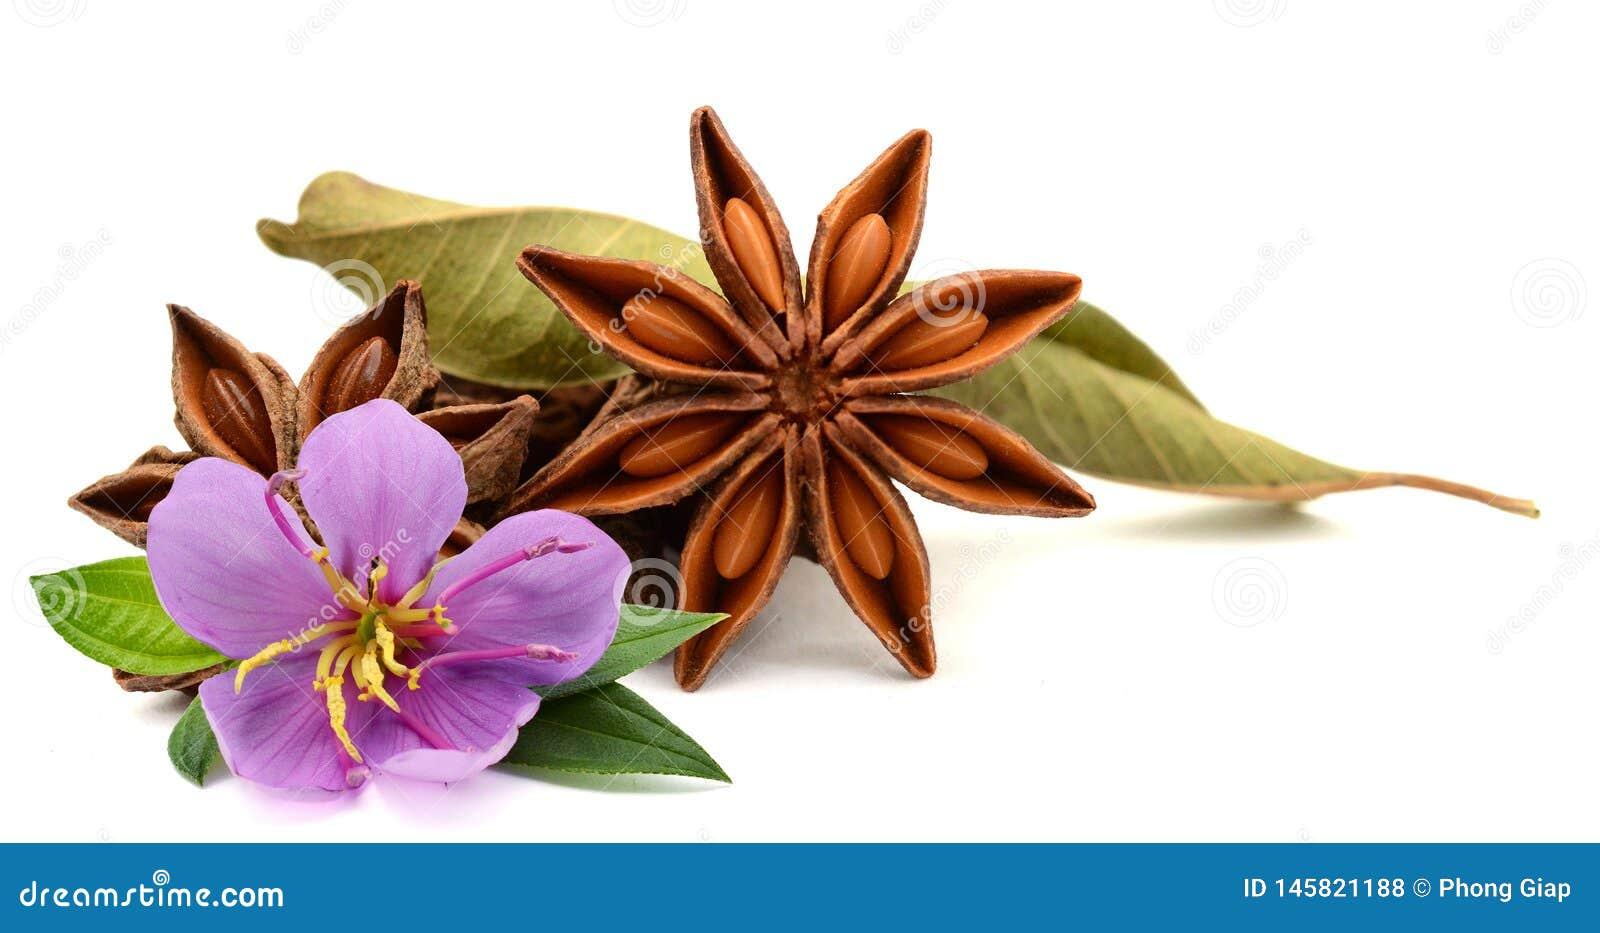 Dry star anise fruit.